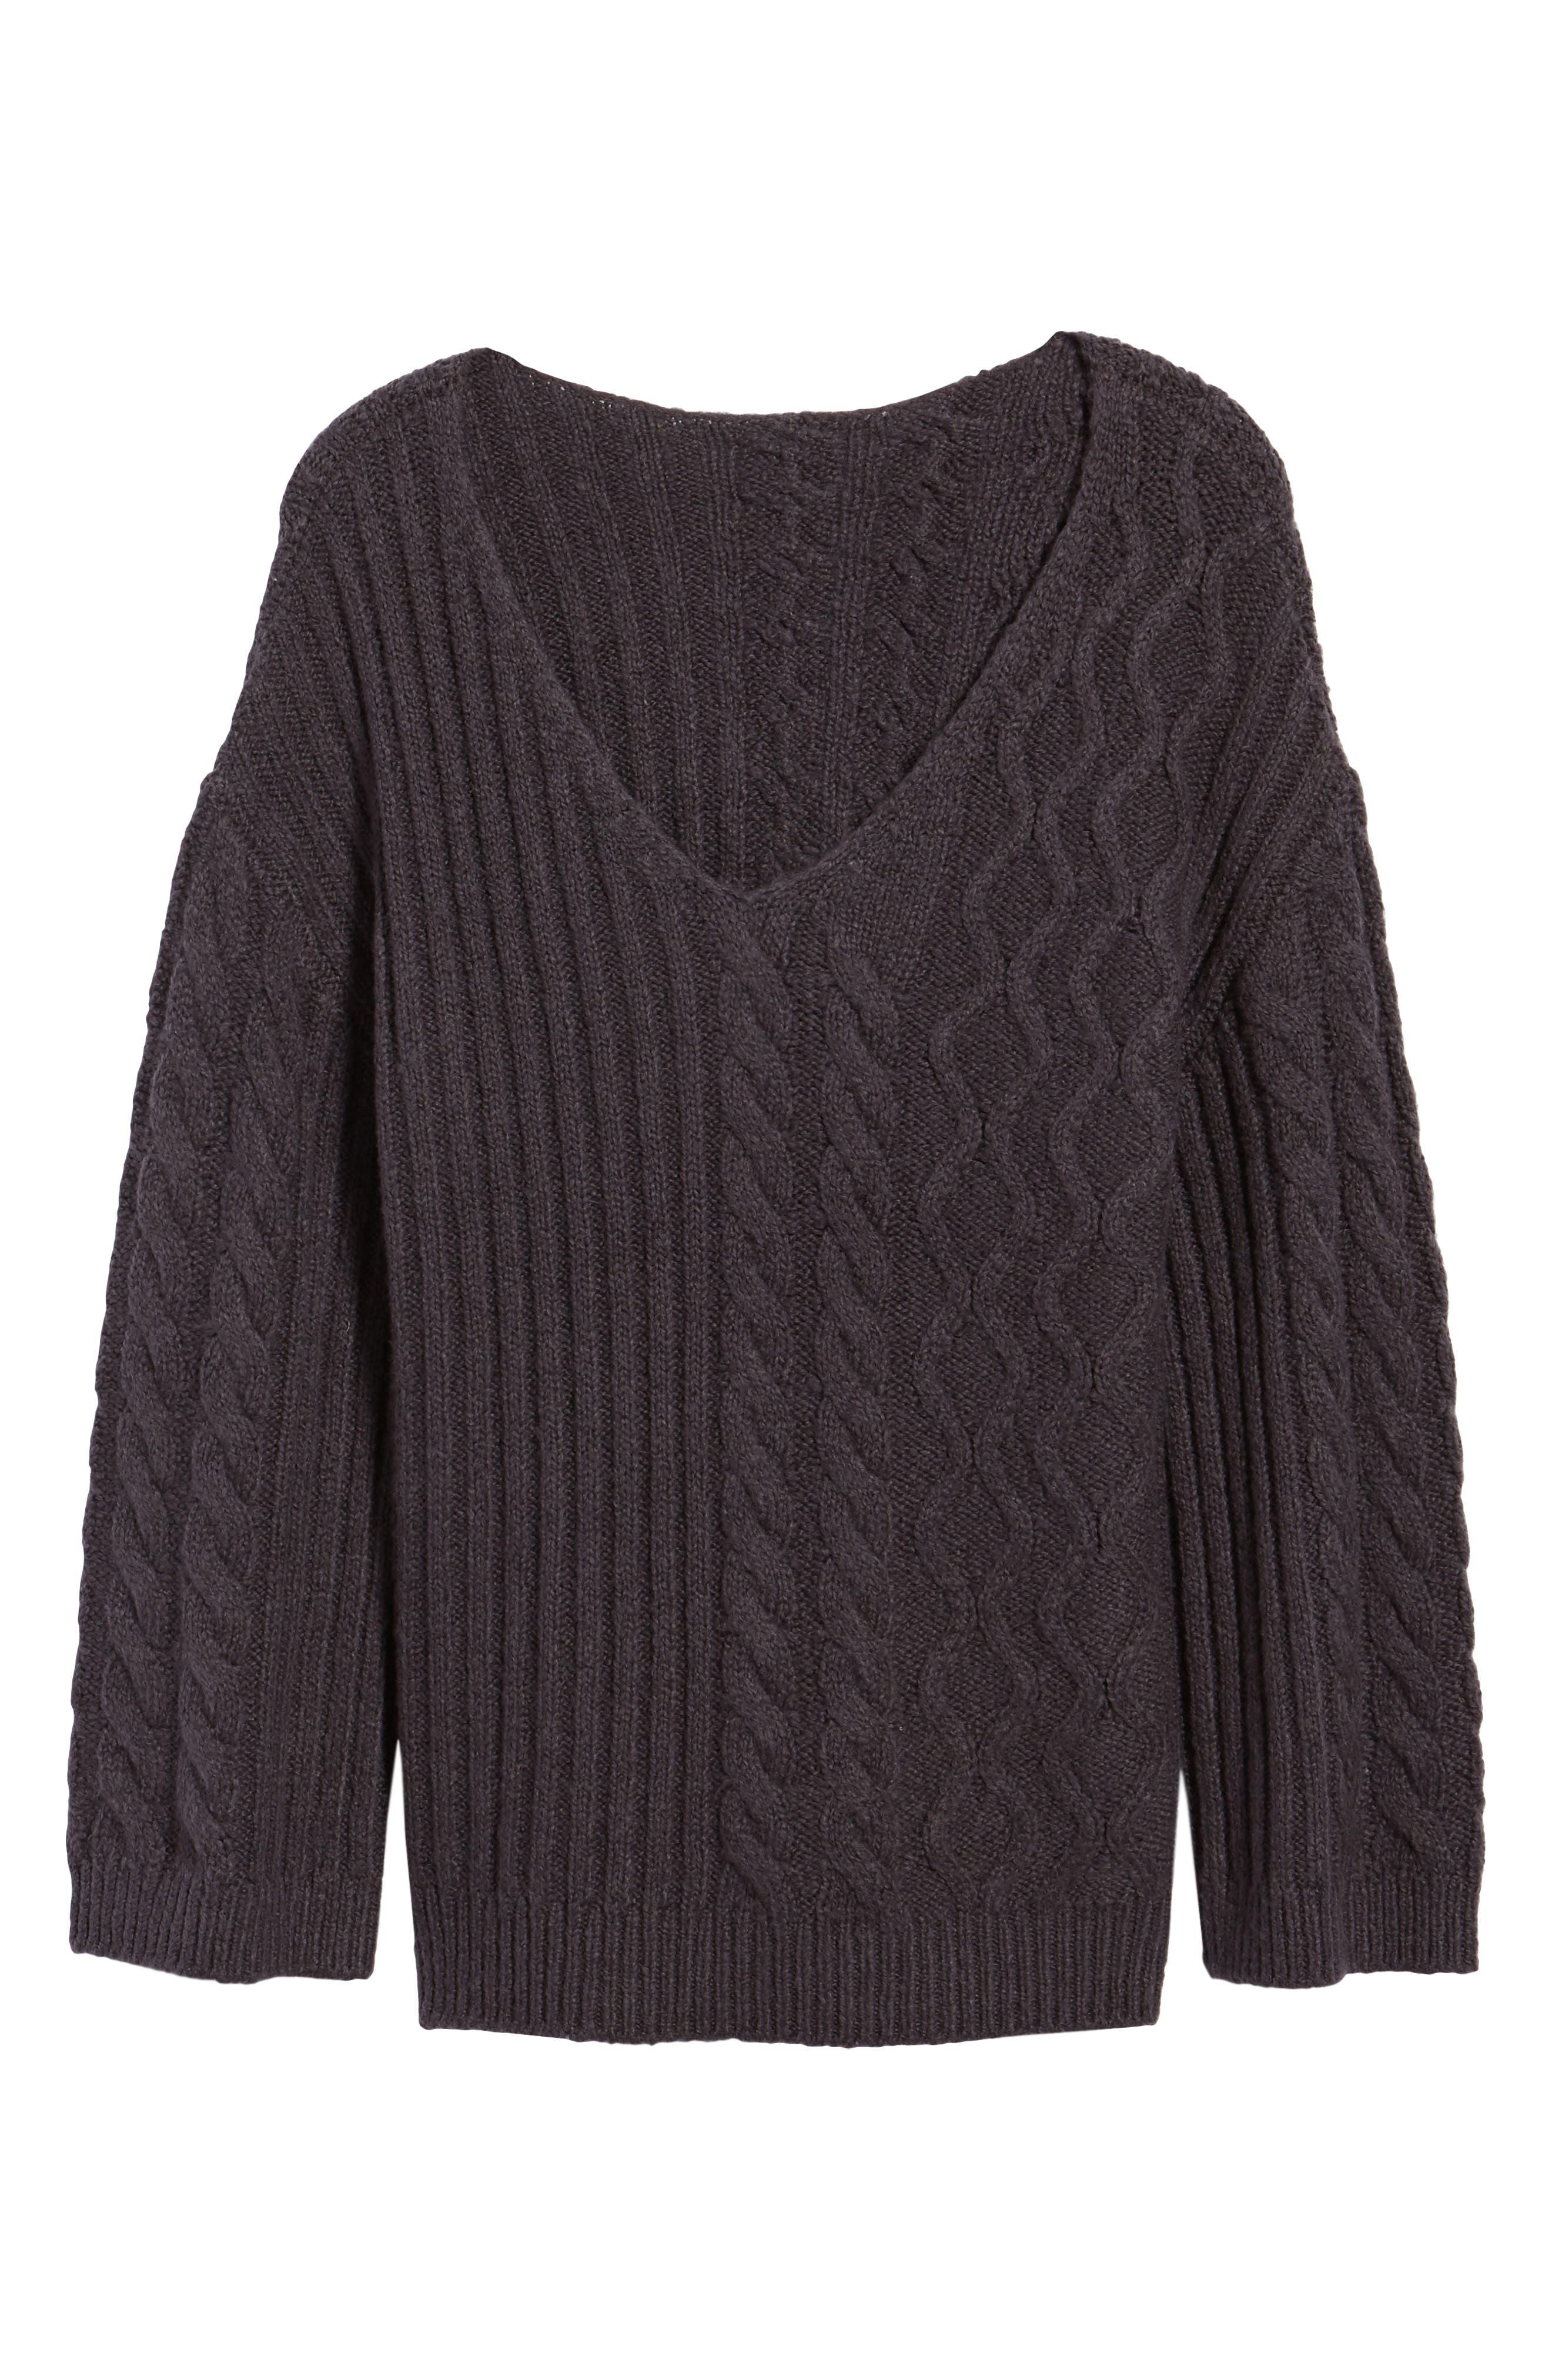 Mix Stitch Cotton Blend Sweater,                             Alternate thumbnail 11, color,